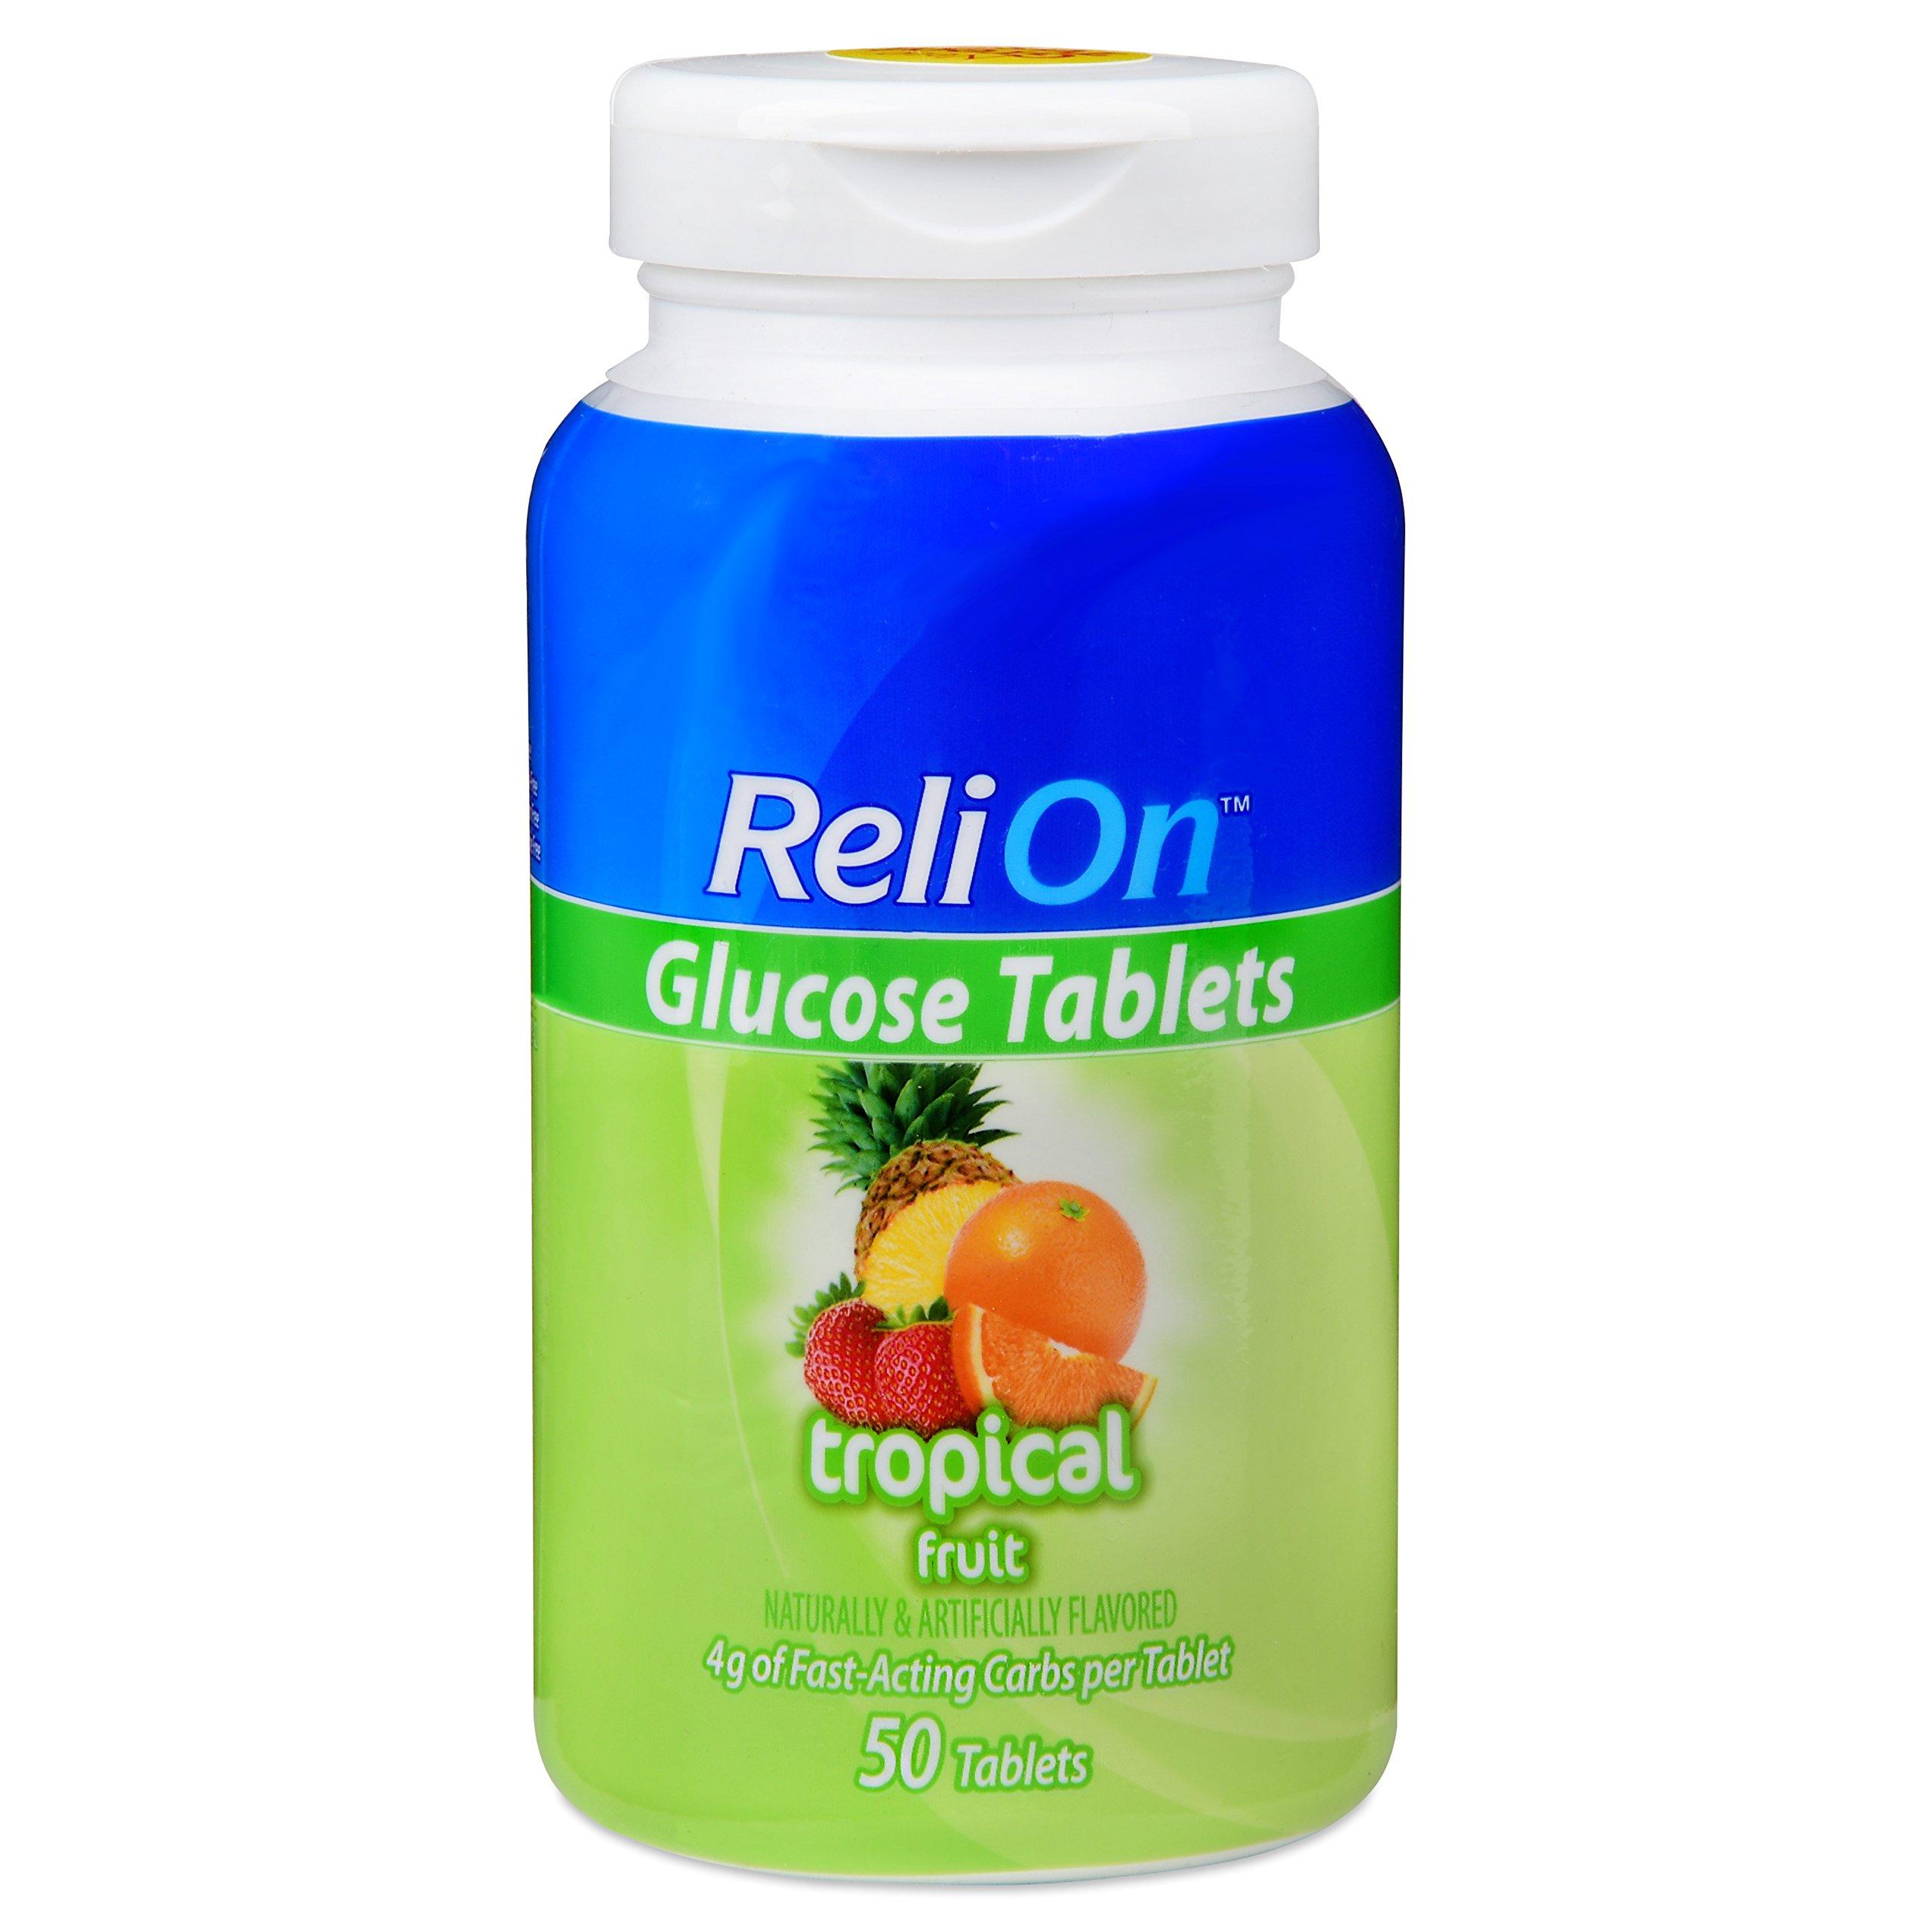 Relion Glucose Tablets - Tropical Fruit Flavor - 50 counts